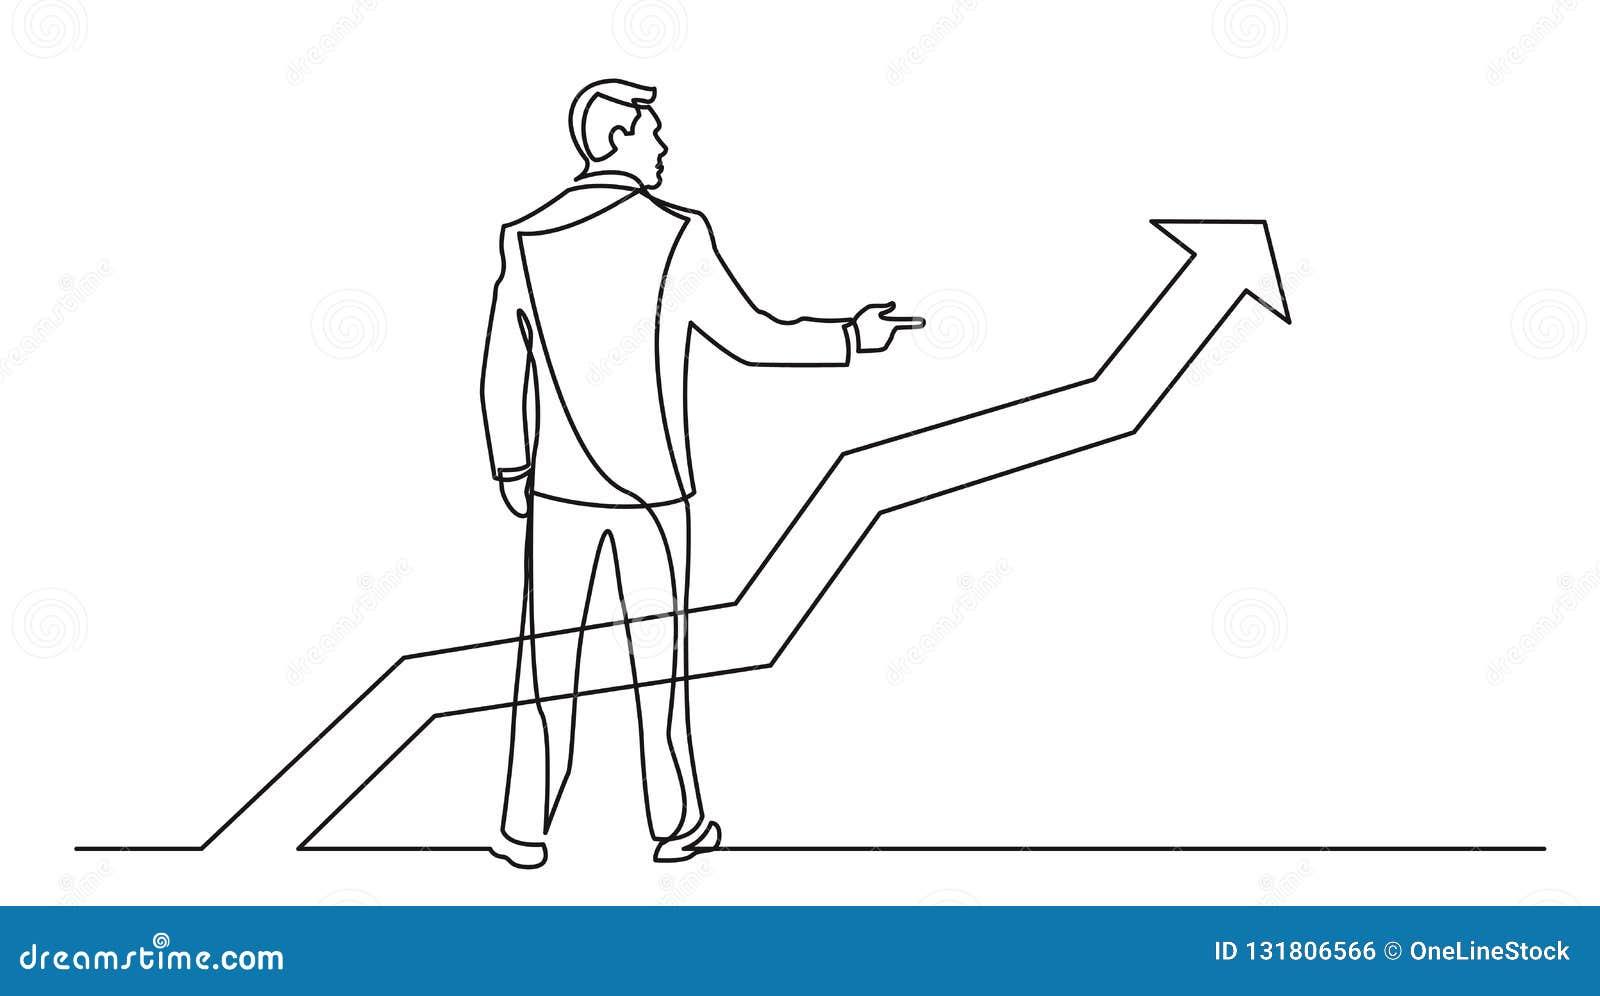 Disegno a tratteggio continuo dell uomo d affari stante che indica dito al grafico crescente